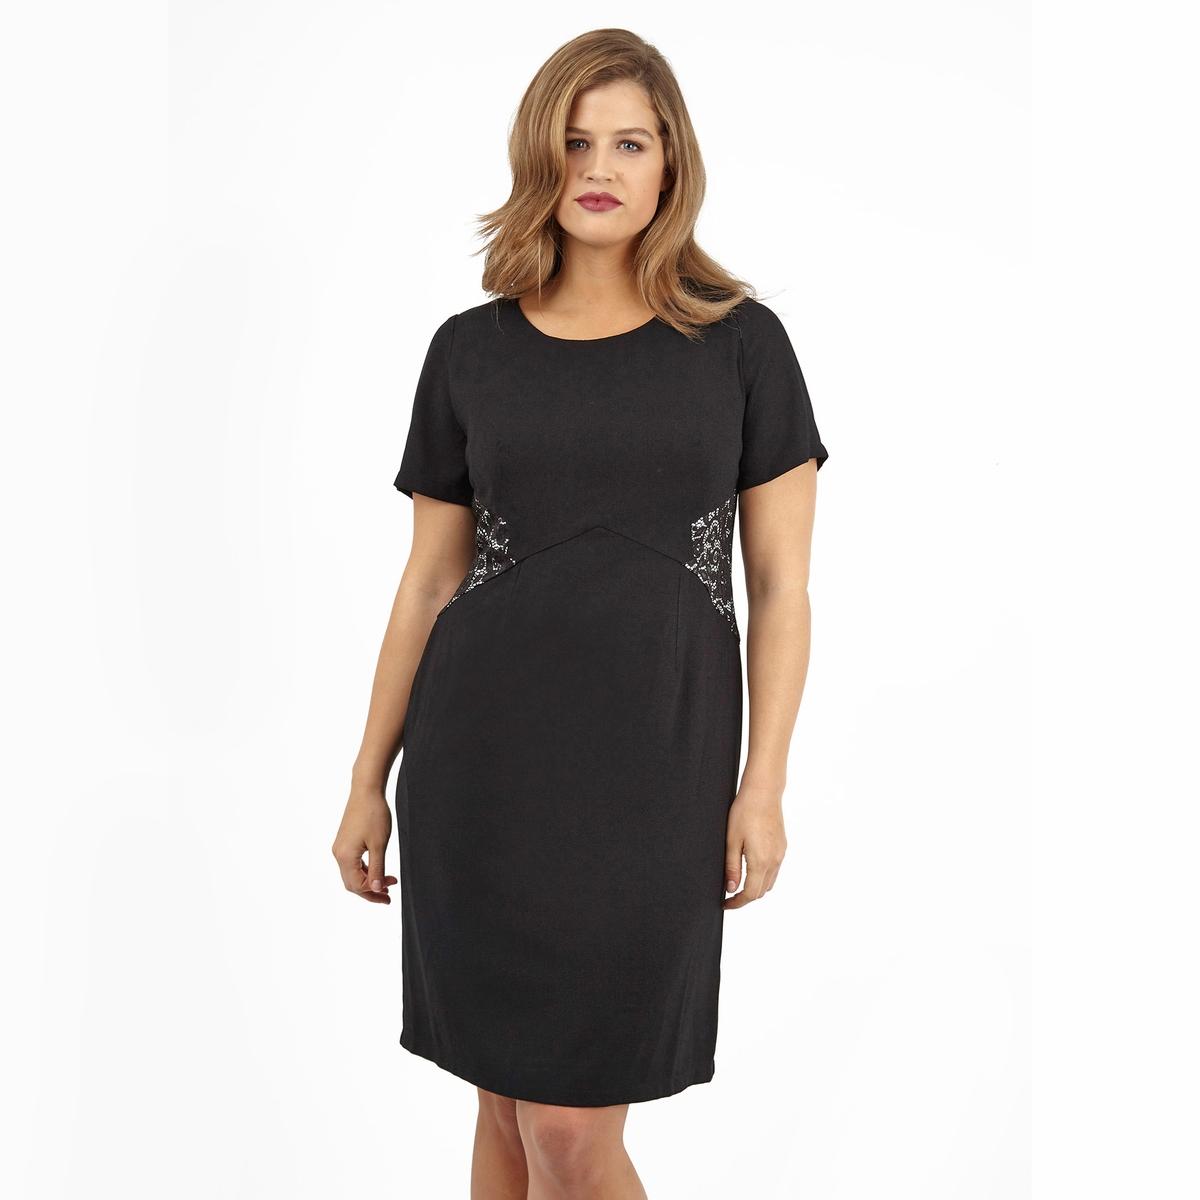 ПлатьеПлатье с короткими рукавами LOVEDROBE. Красивое кружево по бокам. 100% полиэстер.<br><br>Цвет: черный<br>Размер: 46 (FR) - 52 (RUS).54/56 (FR) - 60/62 (RUS)